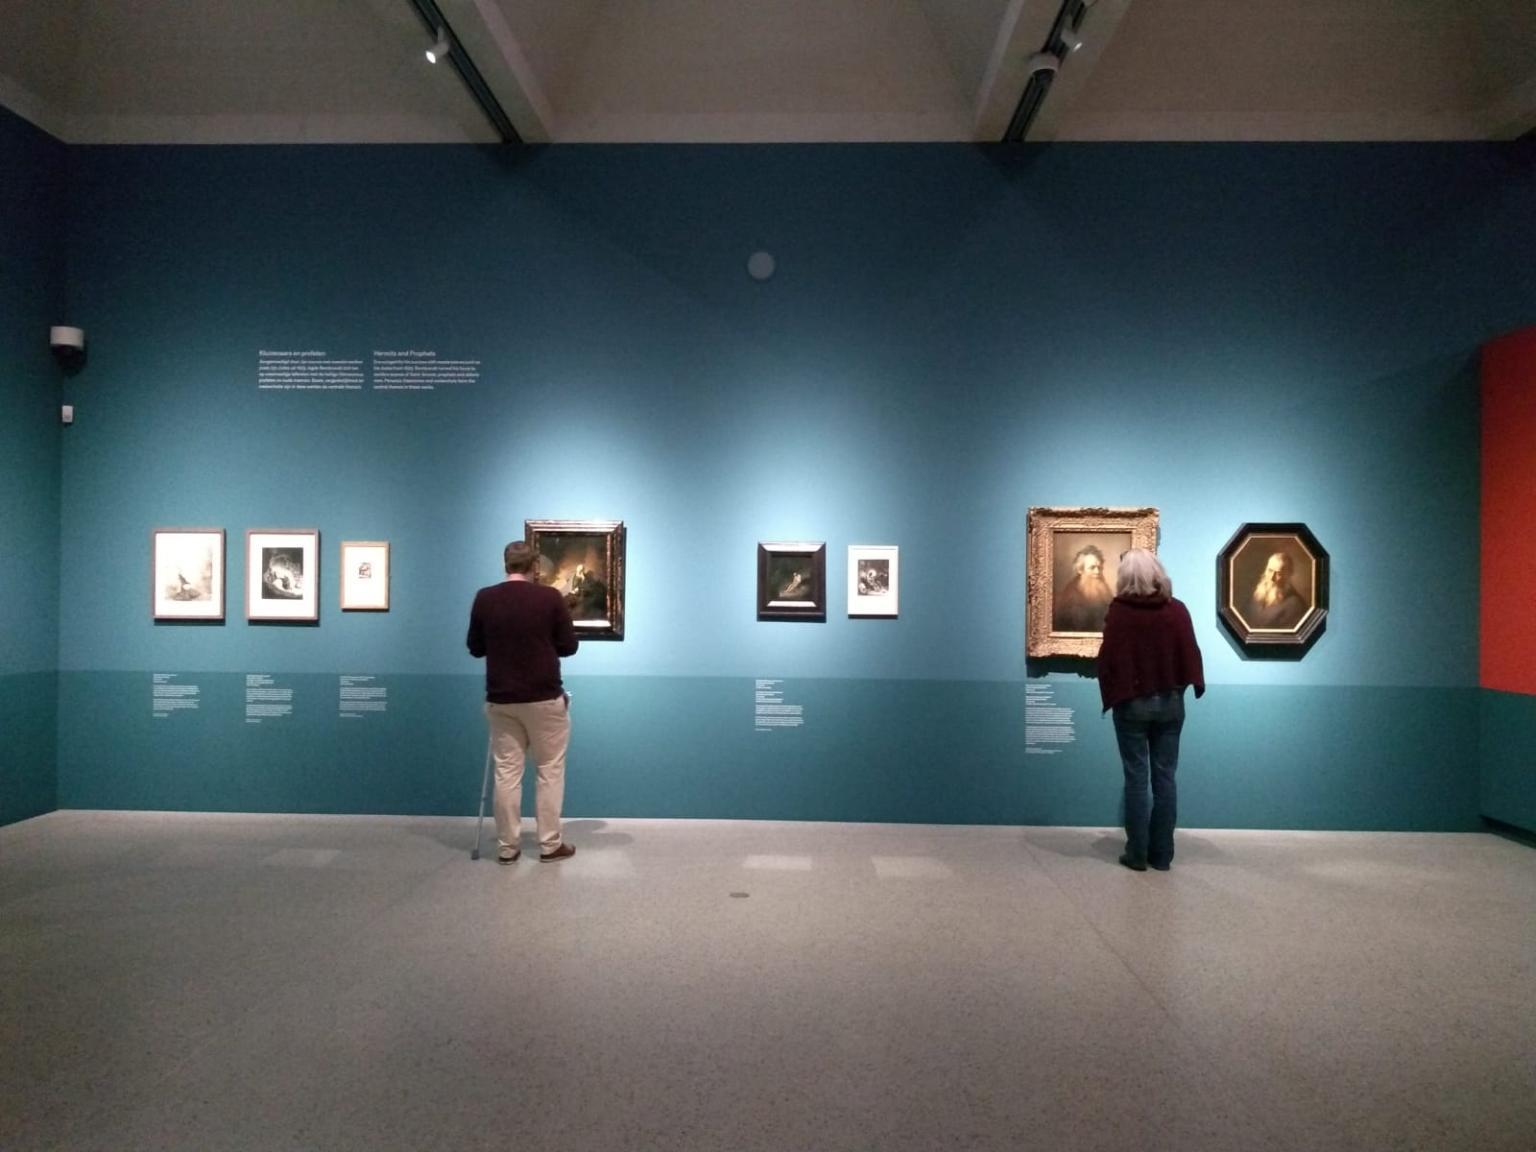 Prikkelarm bezoek bij het Rijksmuseum aan de Eregalerij. Twee personen in beeld die een schilderij bekijken.